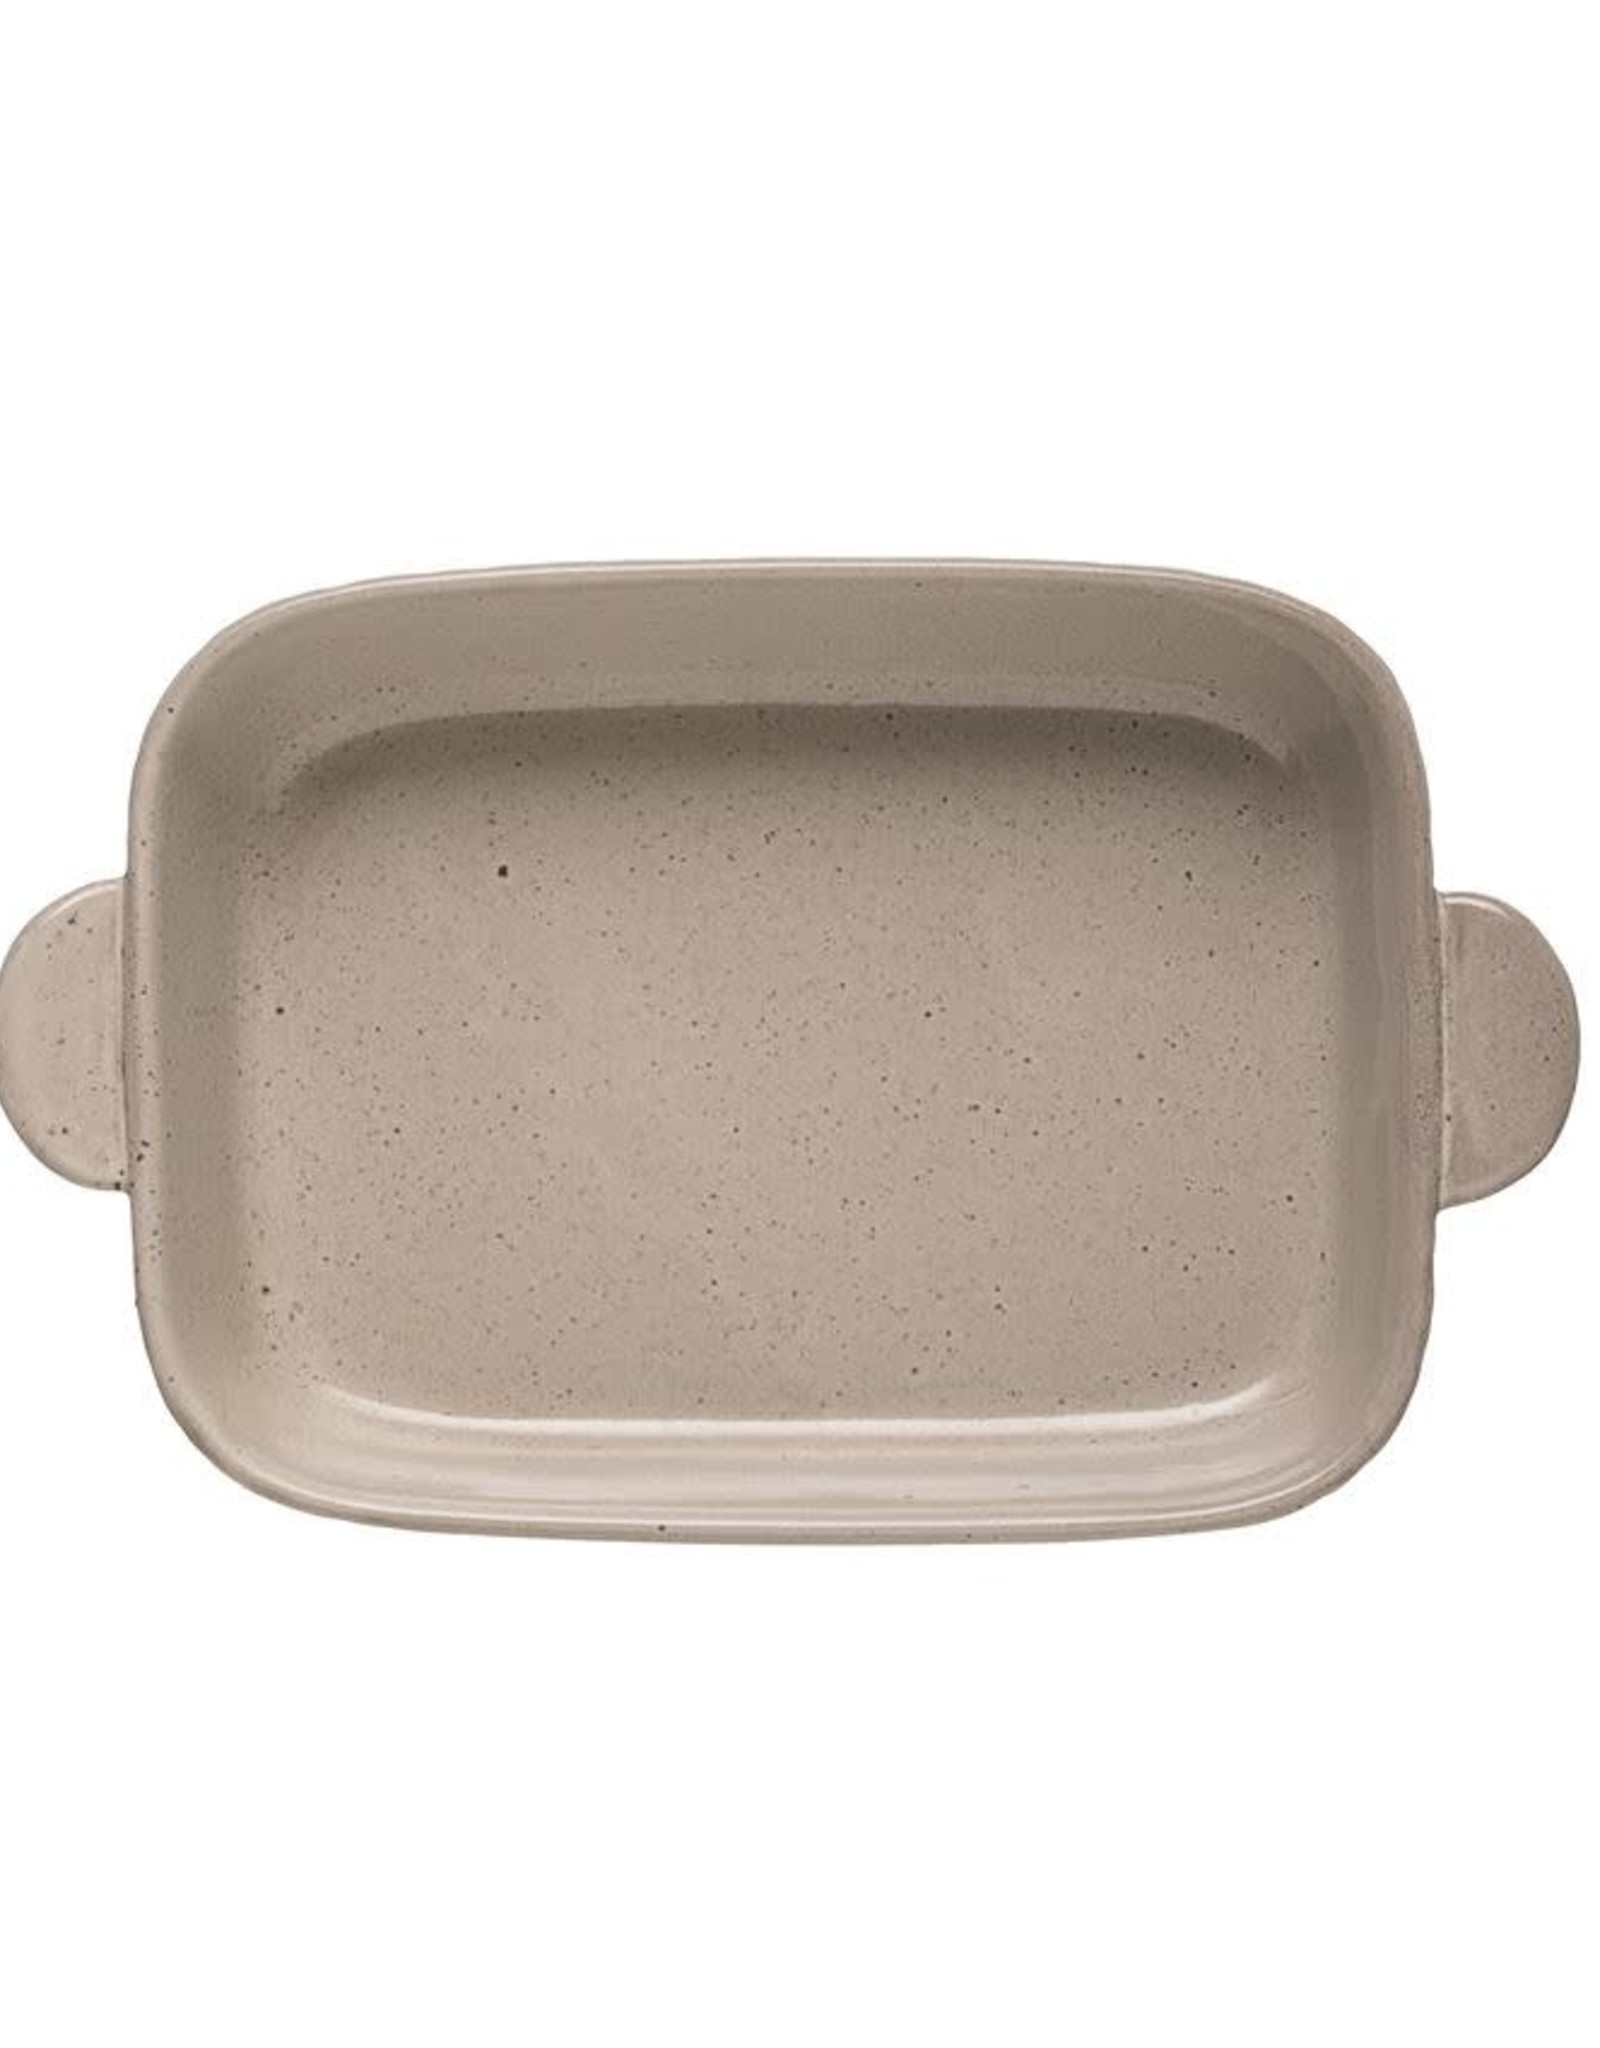 2 Quart Debossed Stoneware Baker